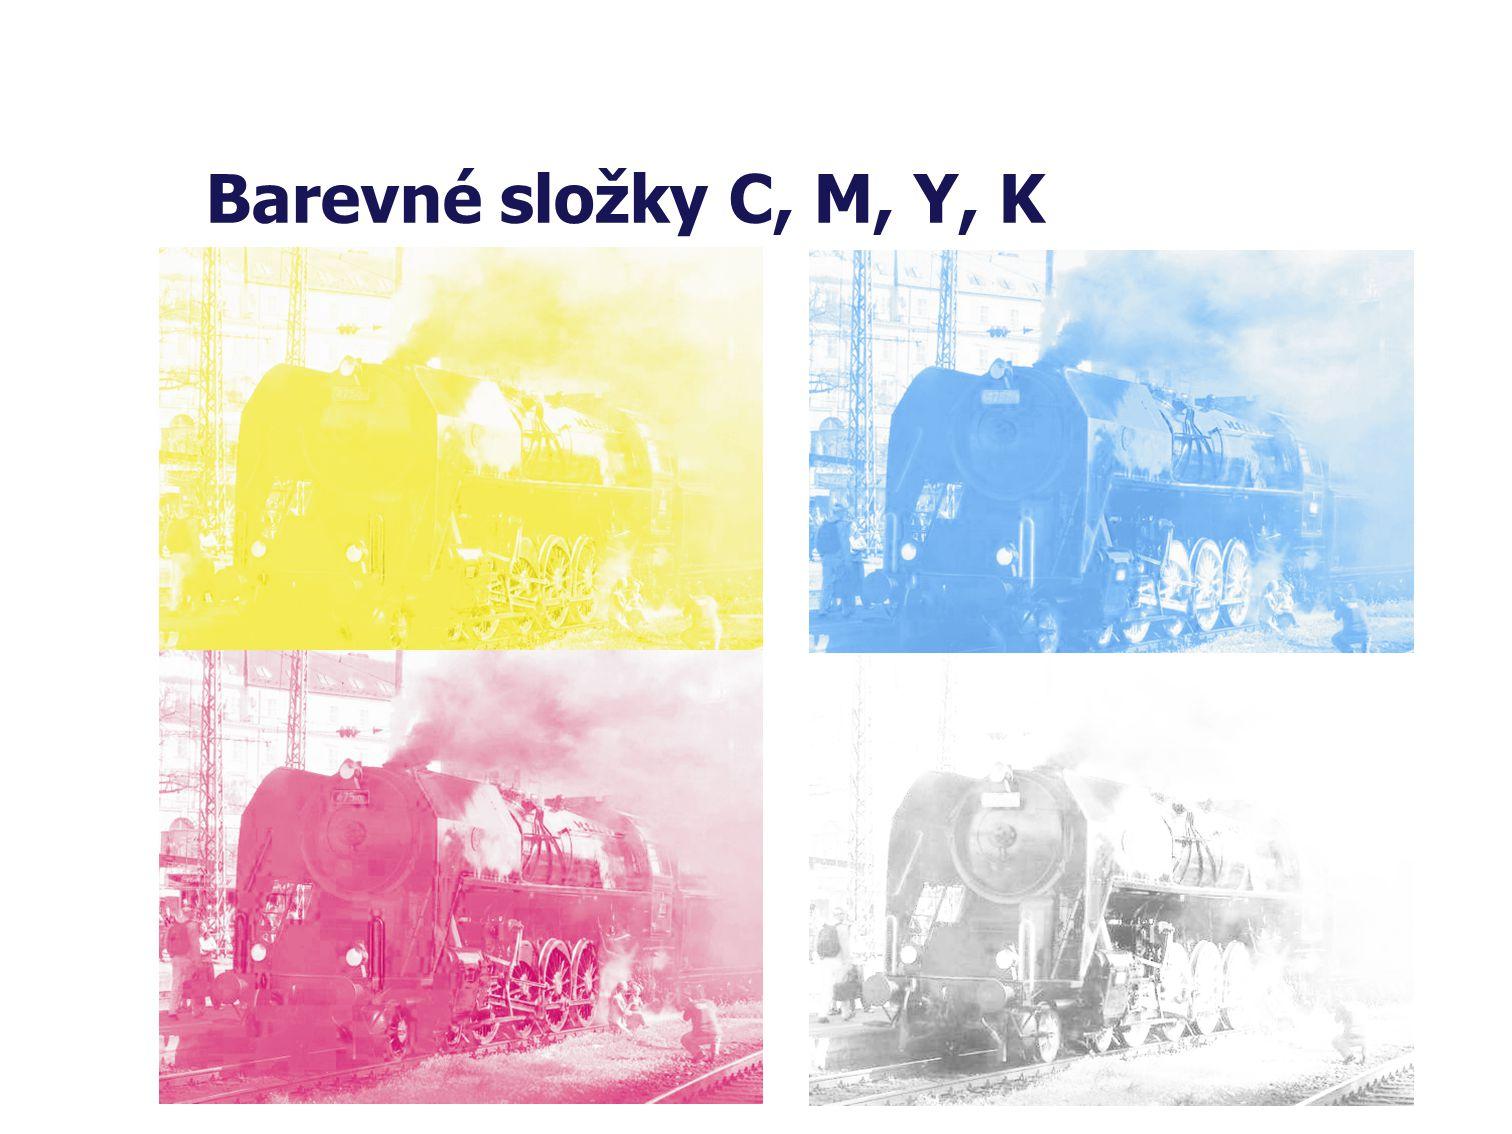 Barevná separace chceme tisknout na barevné tiskárně